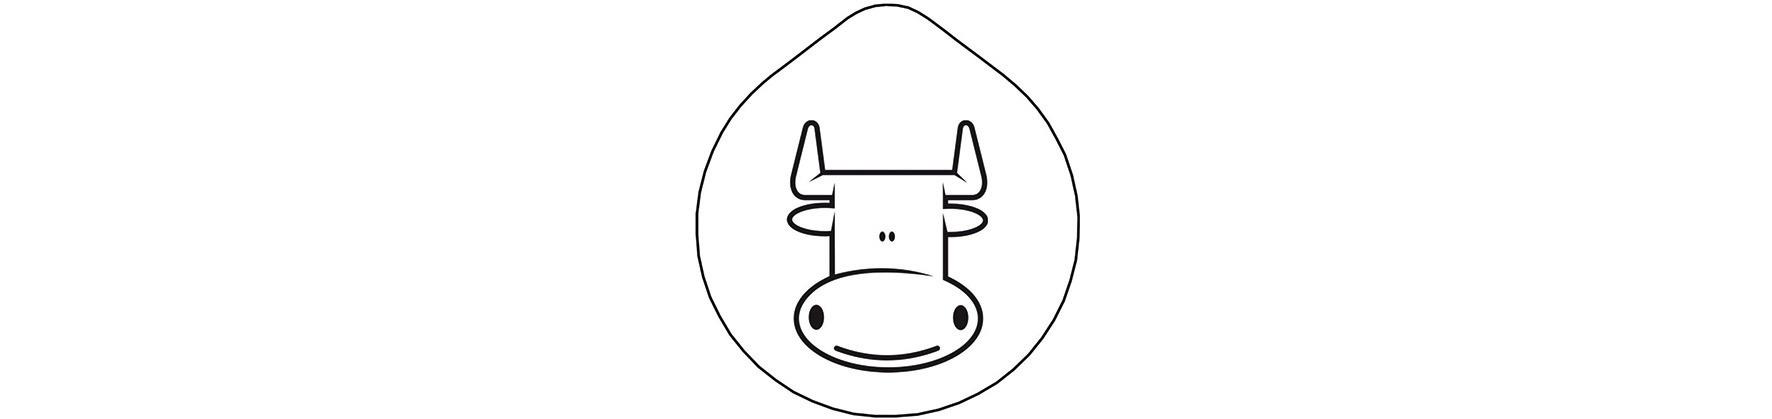 Edelstahldeckel für Karaffe Carafine / Laserung Motiv Milch